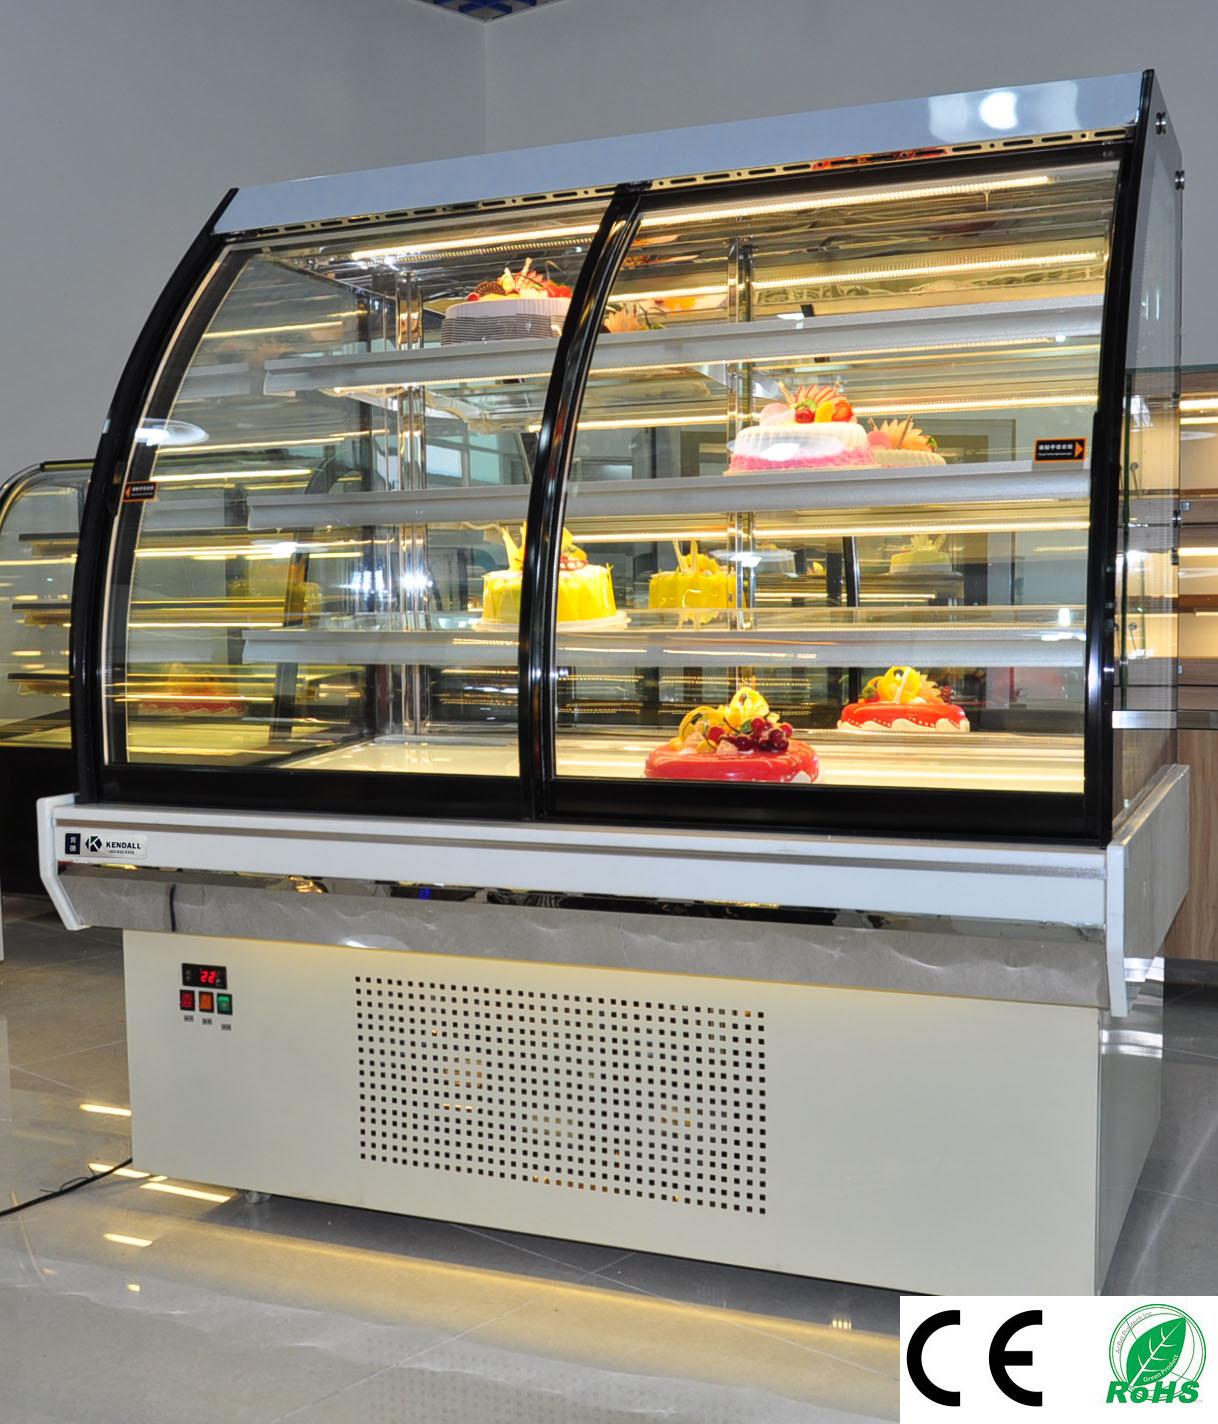 v图纸用于展示的湖南图纸柜_一呼百应网小蛋糕咪会员窝图片